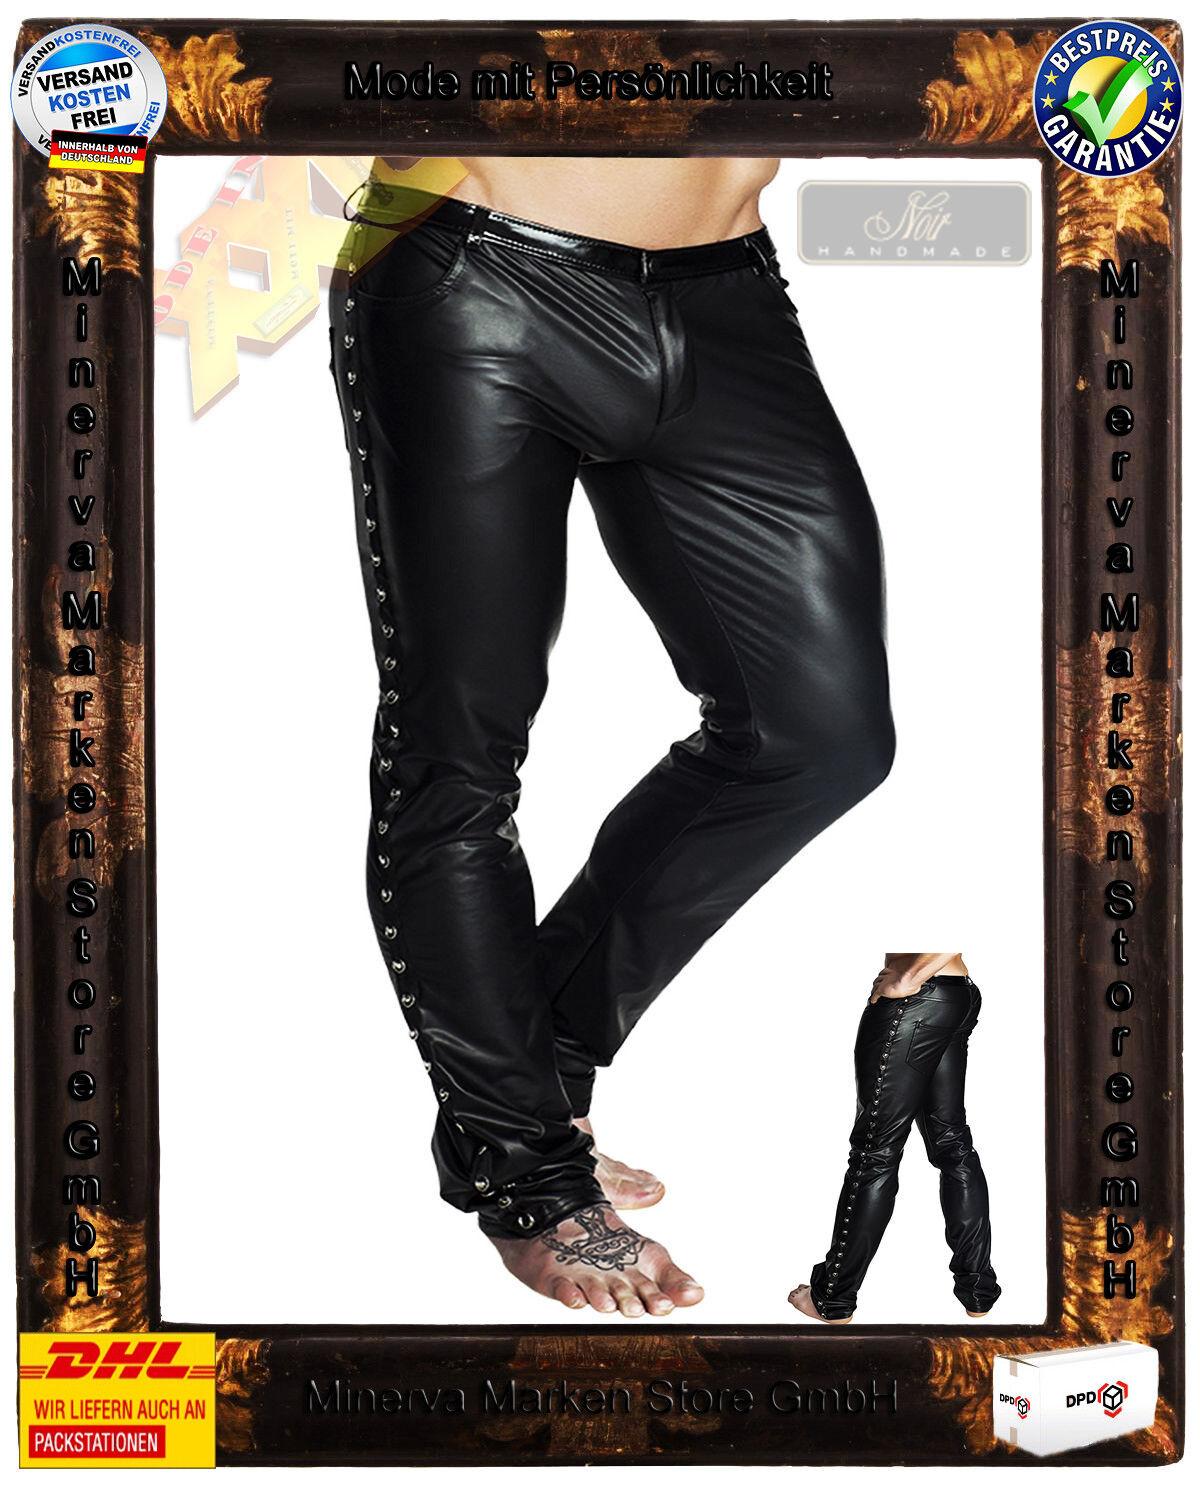 schwarz Handmade Wetlook Hose schwarz H039 Clubwear Gay Vinyl Nieten Gothic Gr.XL=7